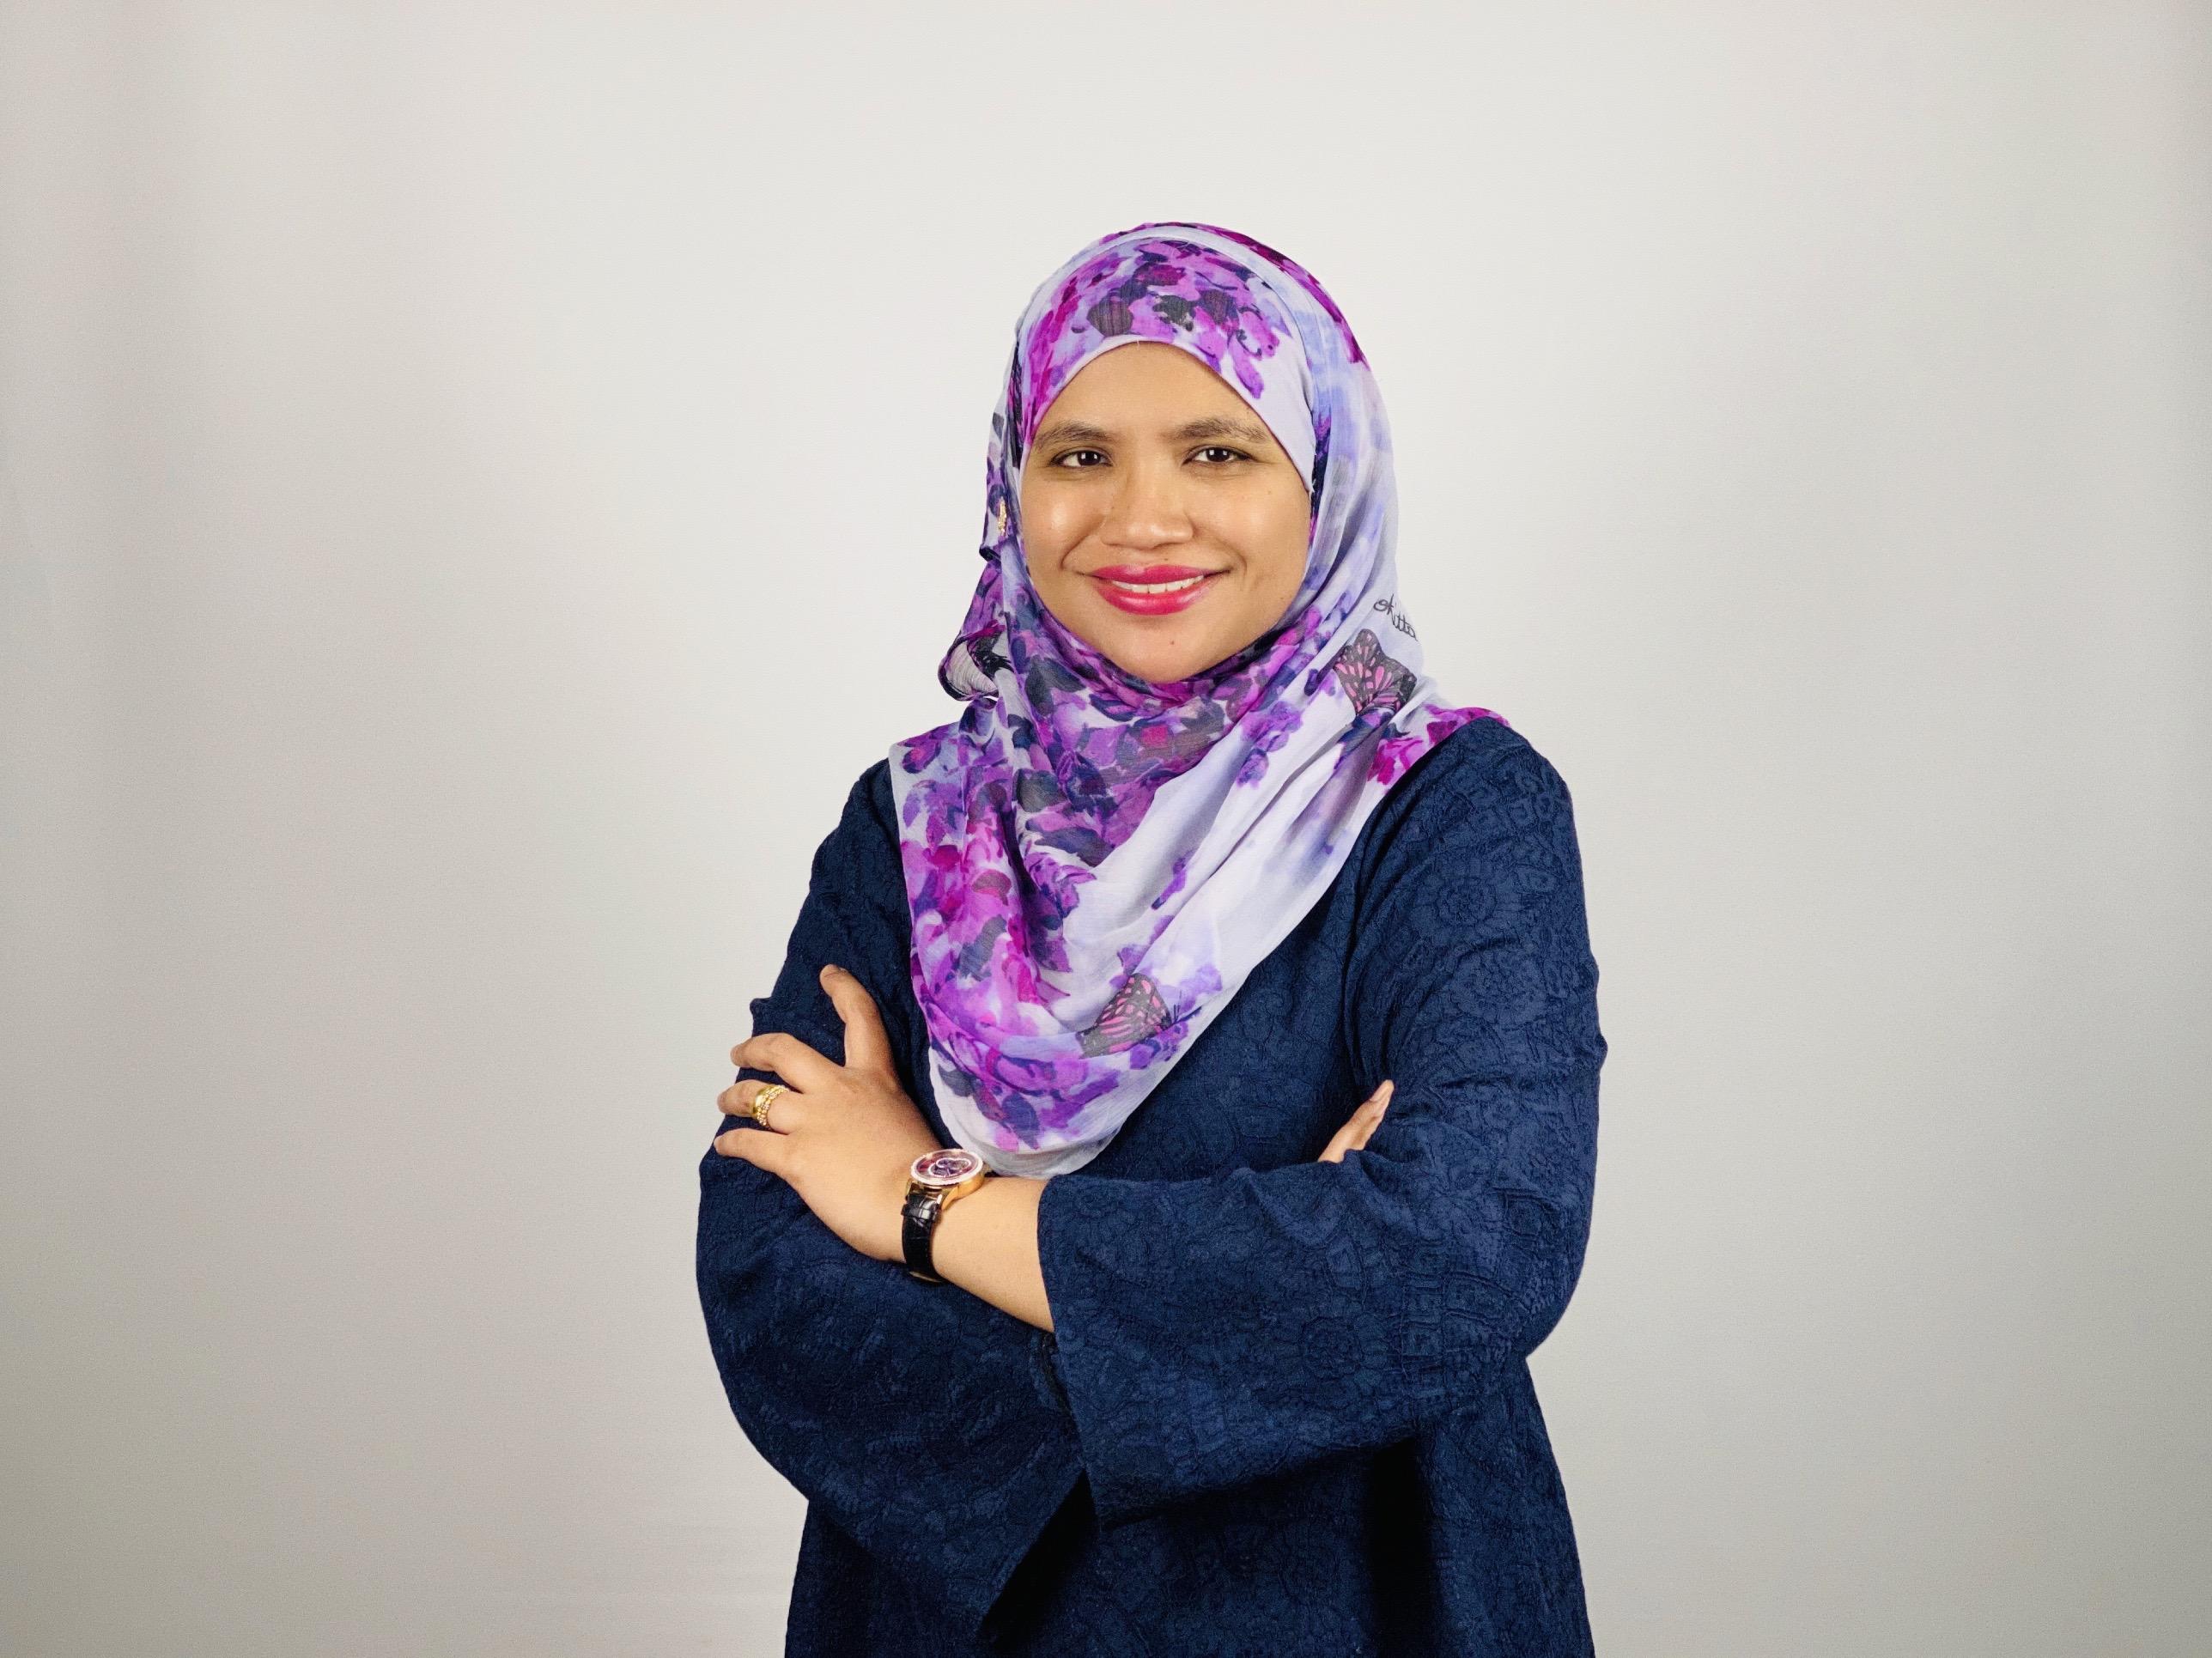 Suhara Mohd Sidik